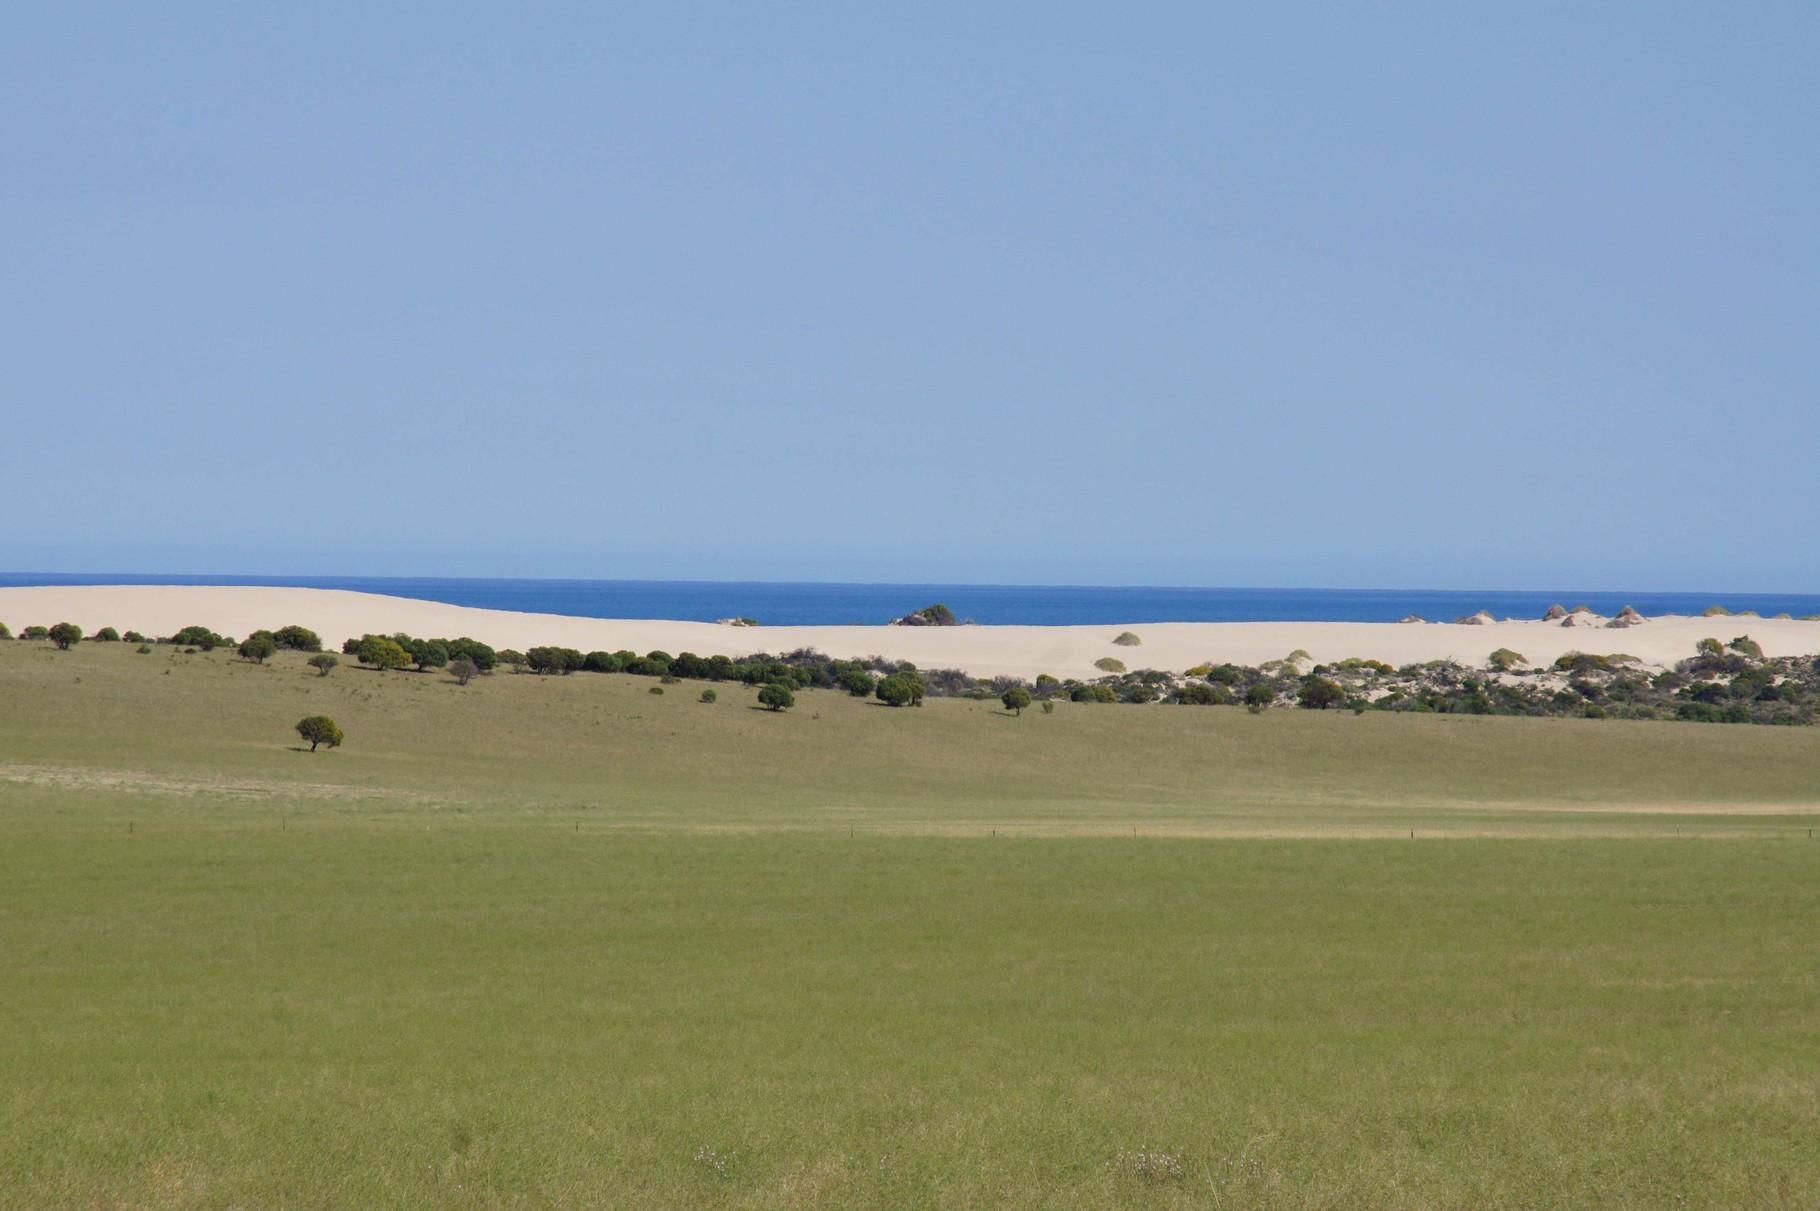 Vom Farmland geht es direkt über den Strand an den indischen Ozean